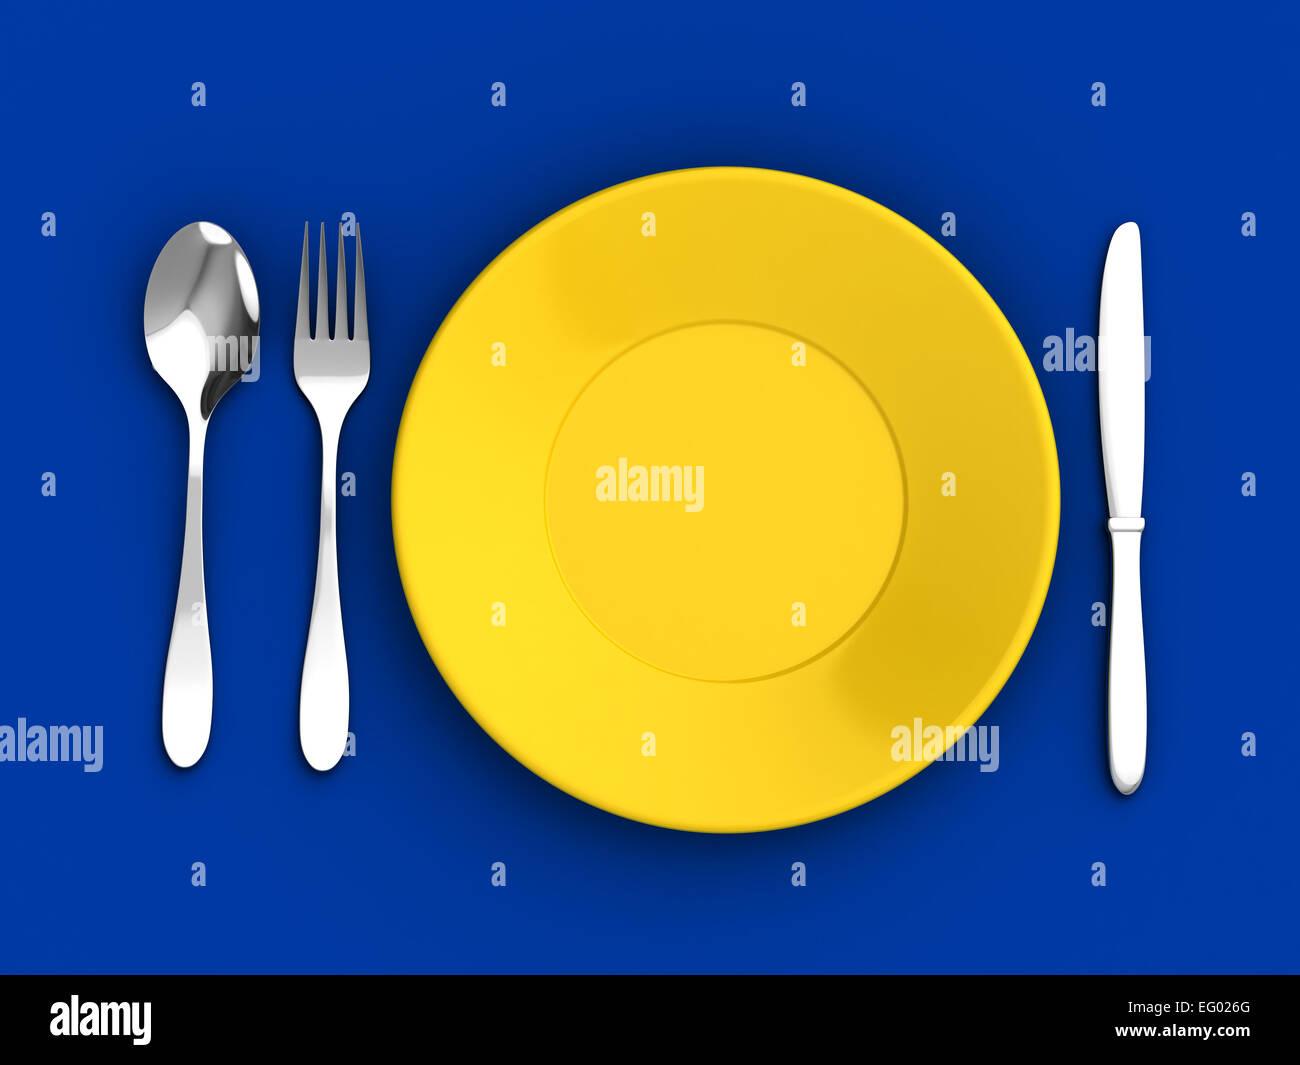 3D Render de Cuchillo, Cuchara, tenedor y placa amarilla sobre fondo azul. Imagen De Stock